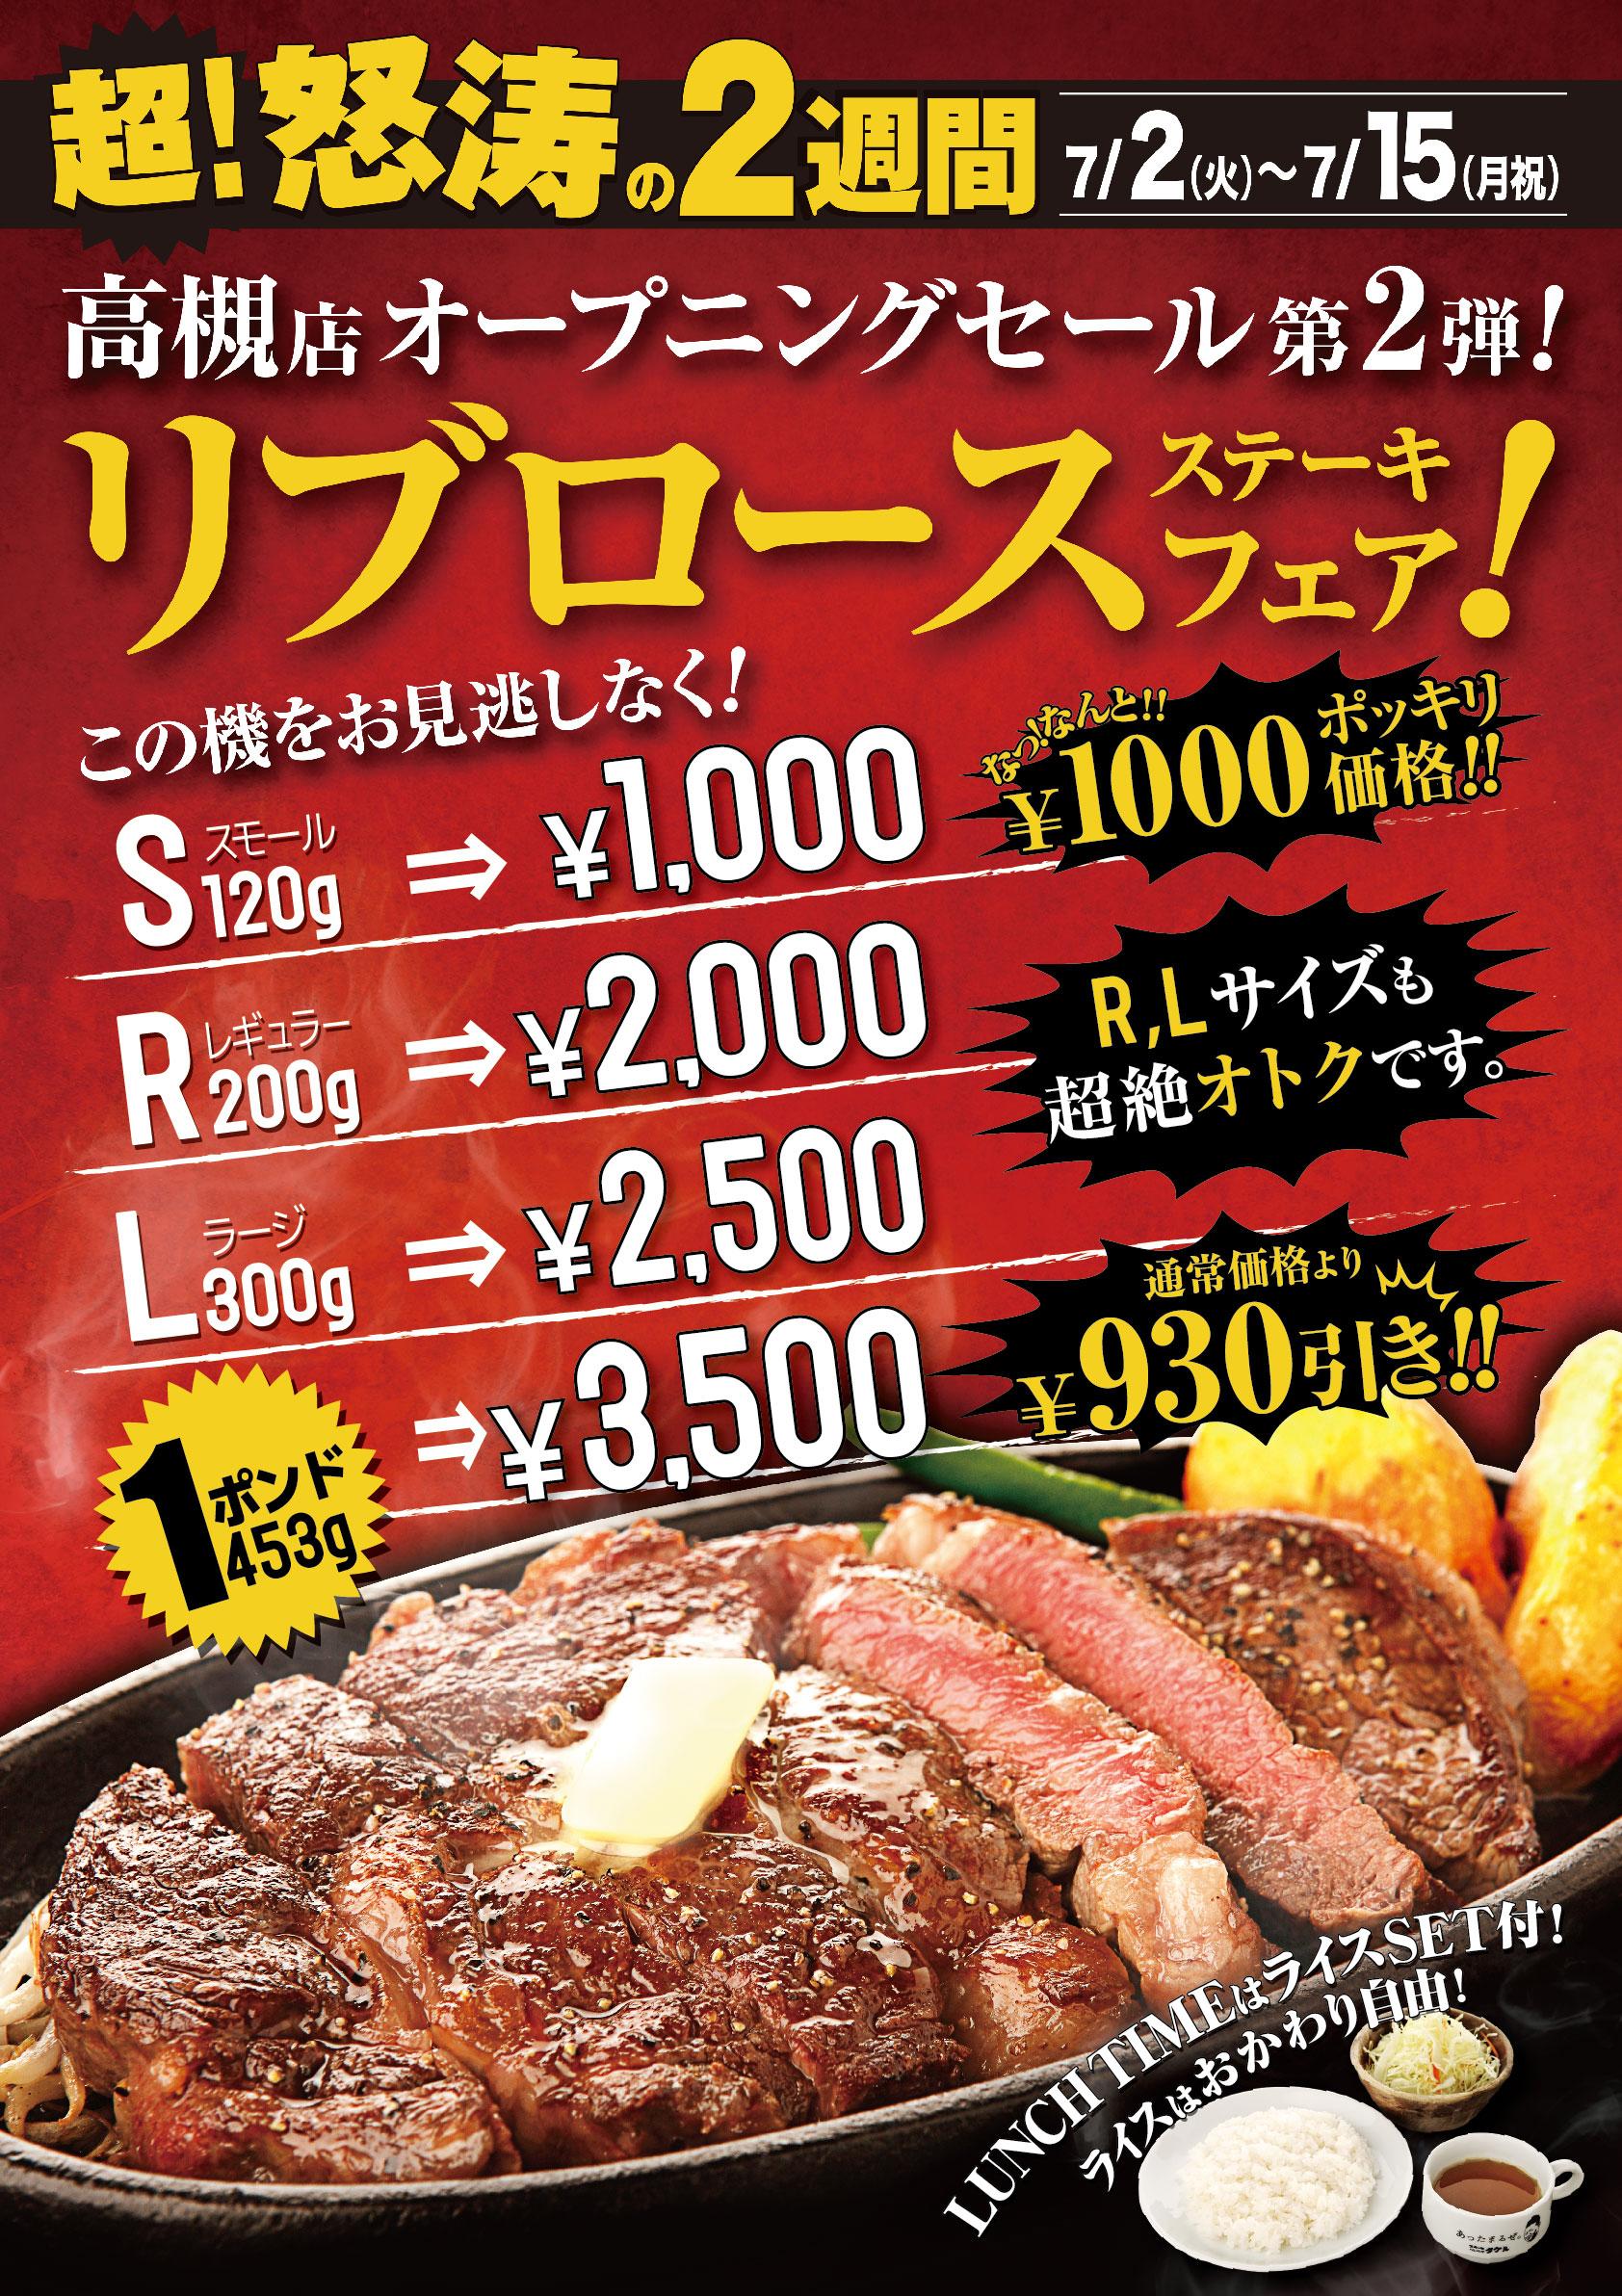 【高槻店限定】オープニングセール第2弾!『超怒涛の2週間』リブロースフェアを開催!